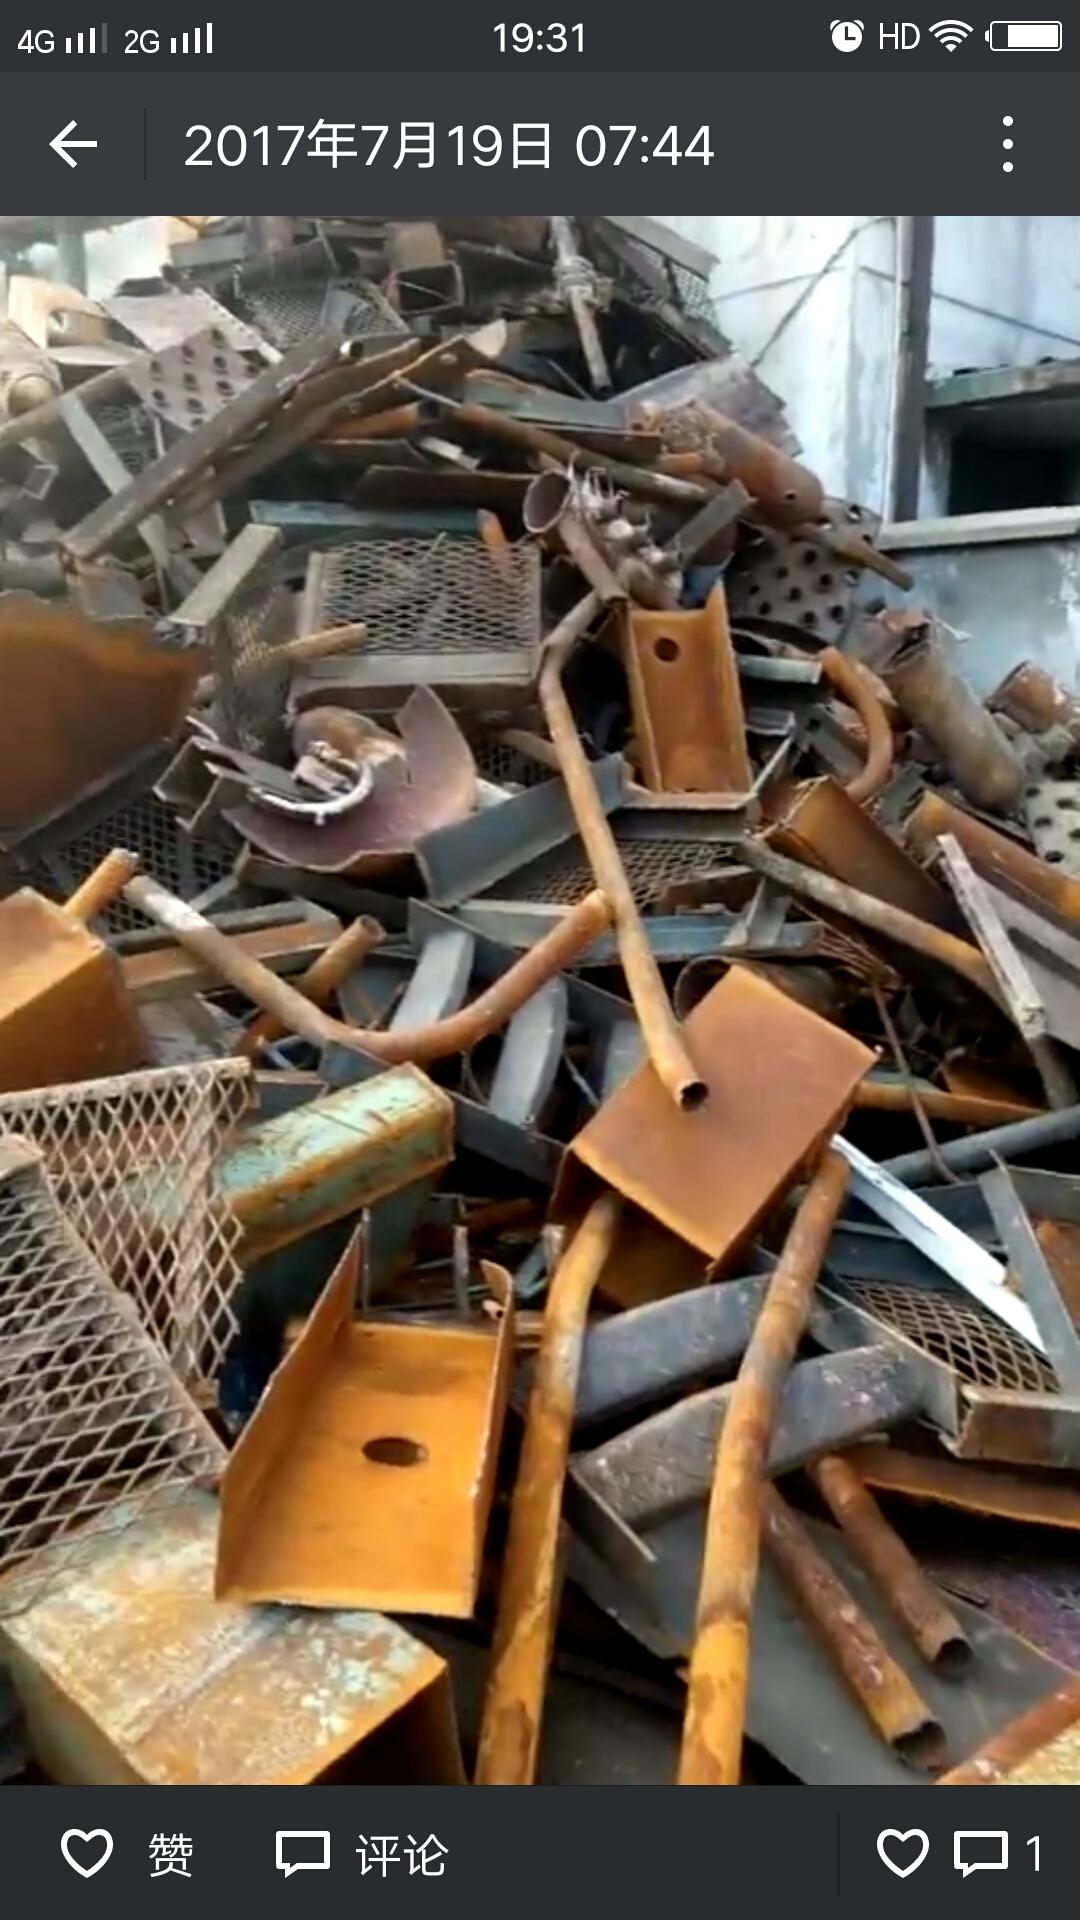 新乡废钢五百吨 新乡废旧钢材五百吨